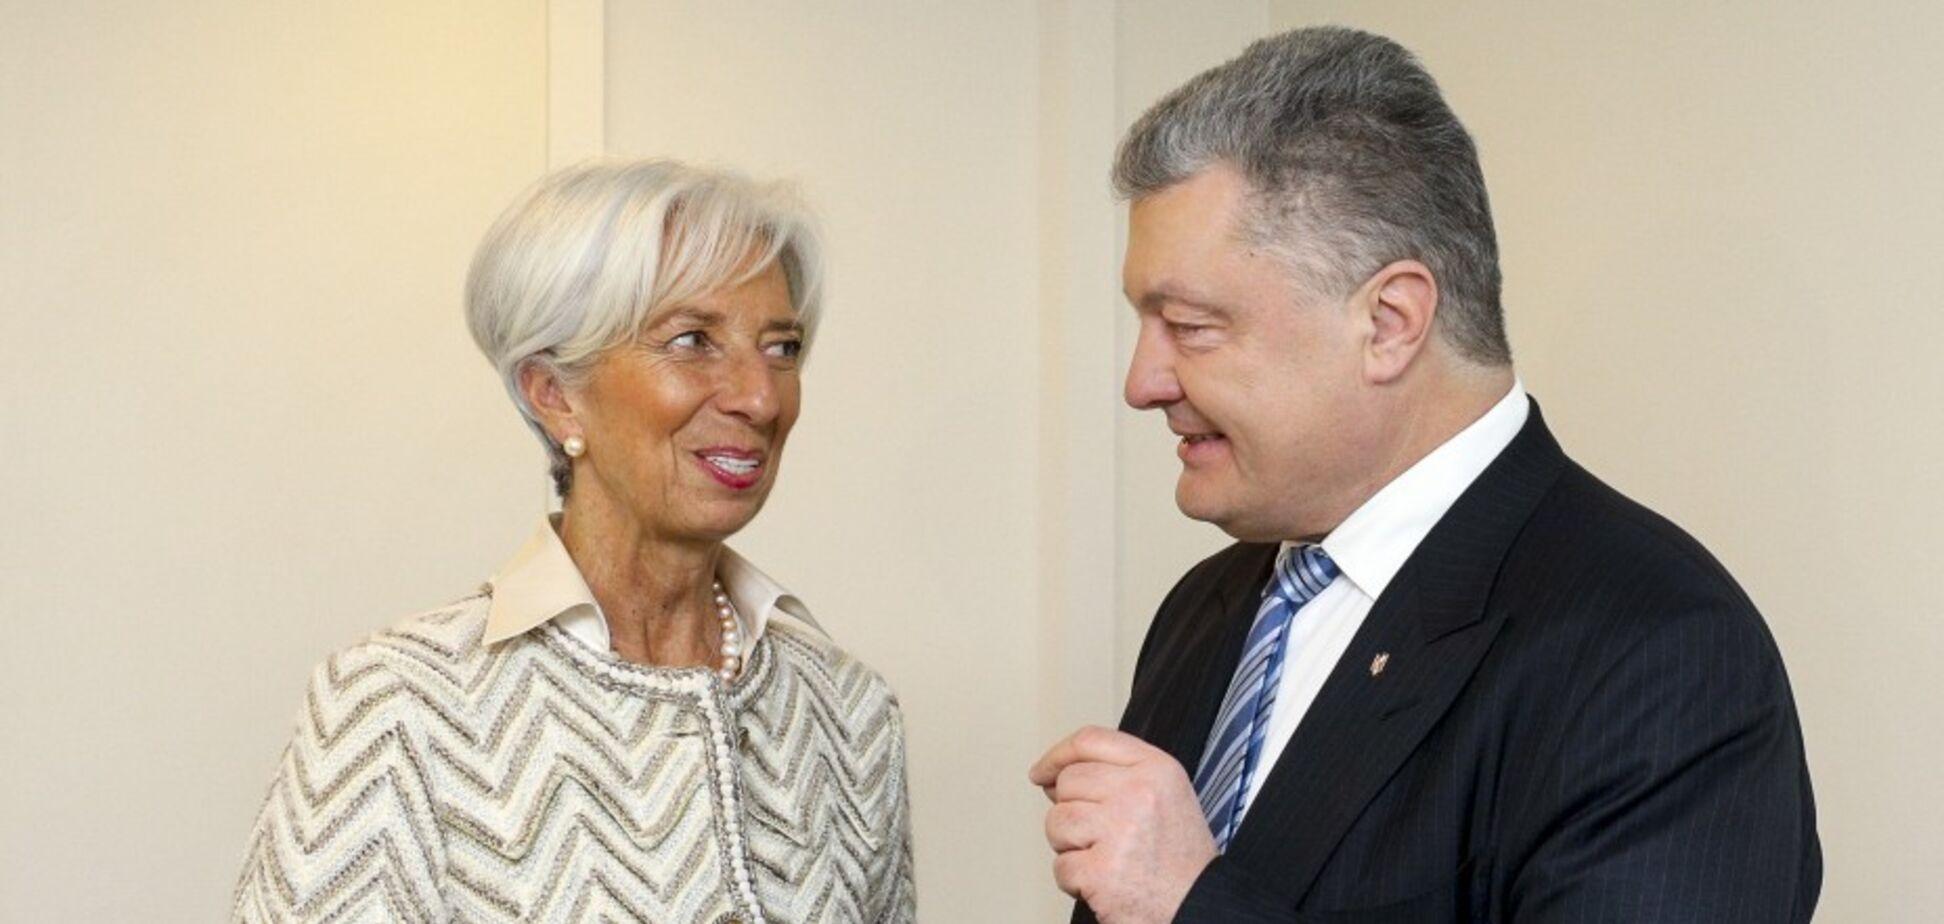 Порошенко встретился с главой МВФ: о чем говорили